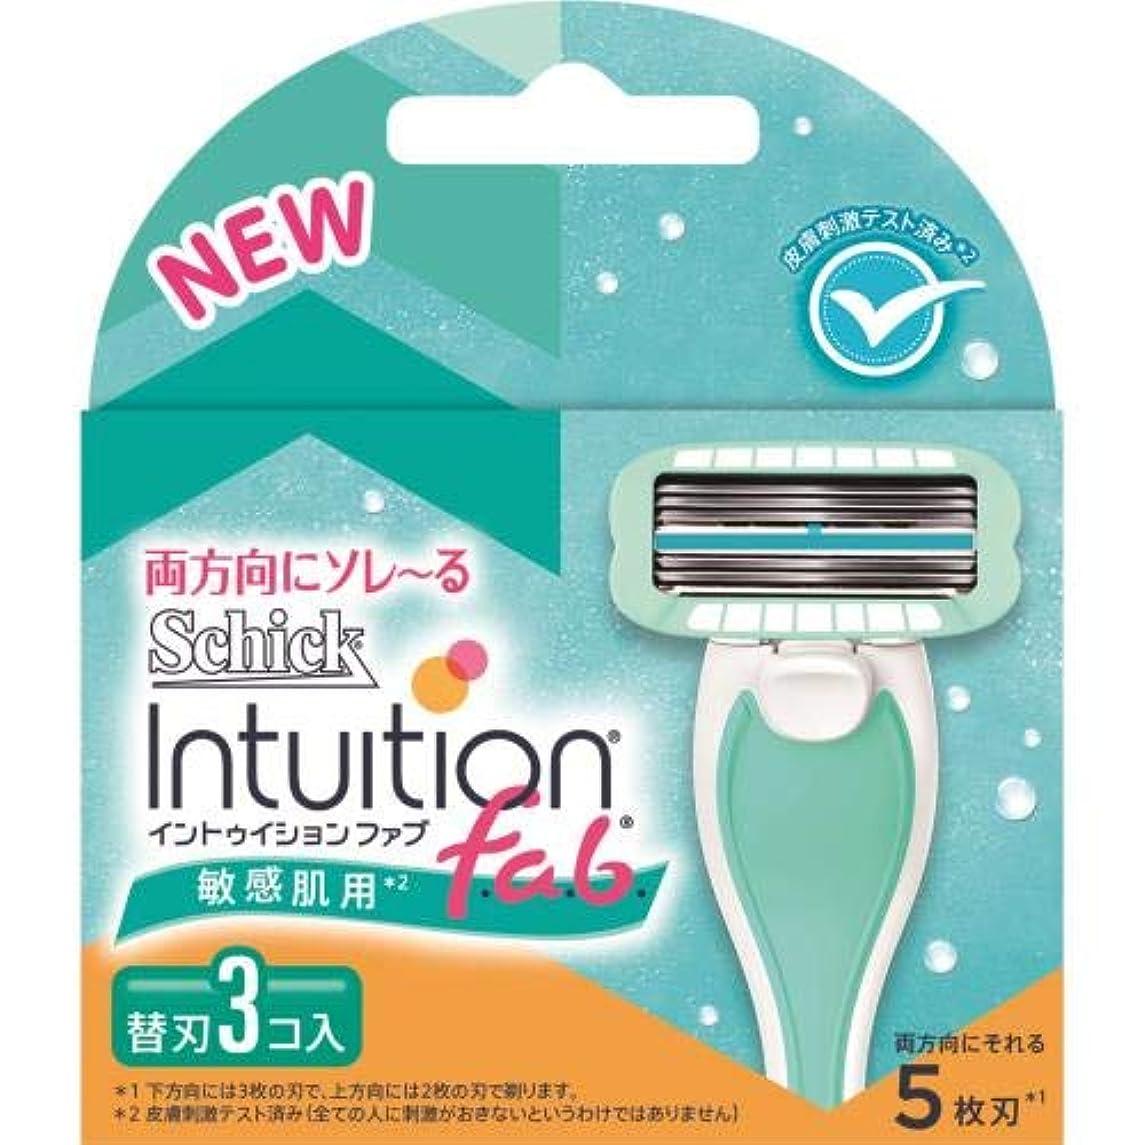 トレーダーレインコートアソシエイトシック?ジャパン イントゥイション ファブ 替刃 敏感肌用 (3個入) 女性用カミソリ 4個セット